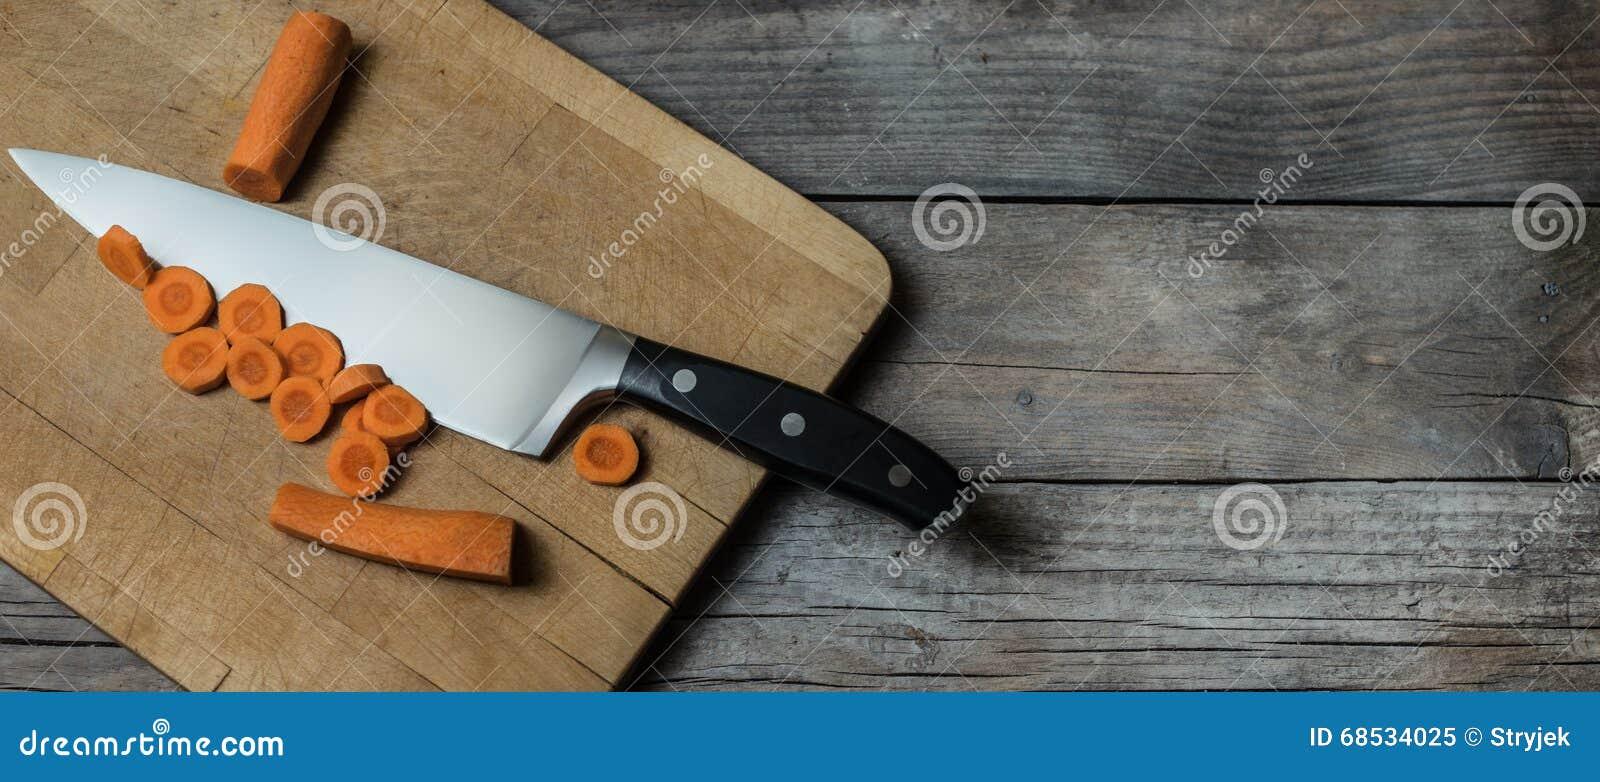 Carote di recente cutted sulla vecchia tavola di legno